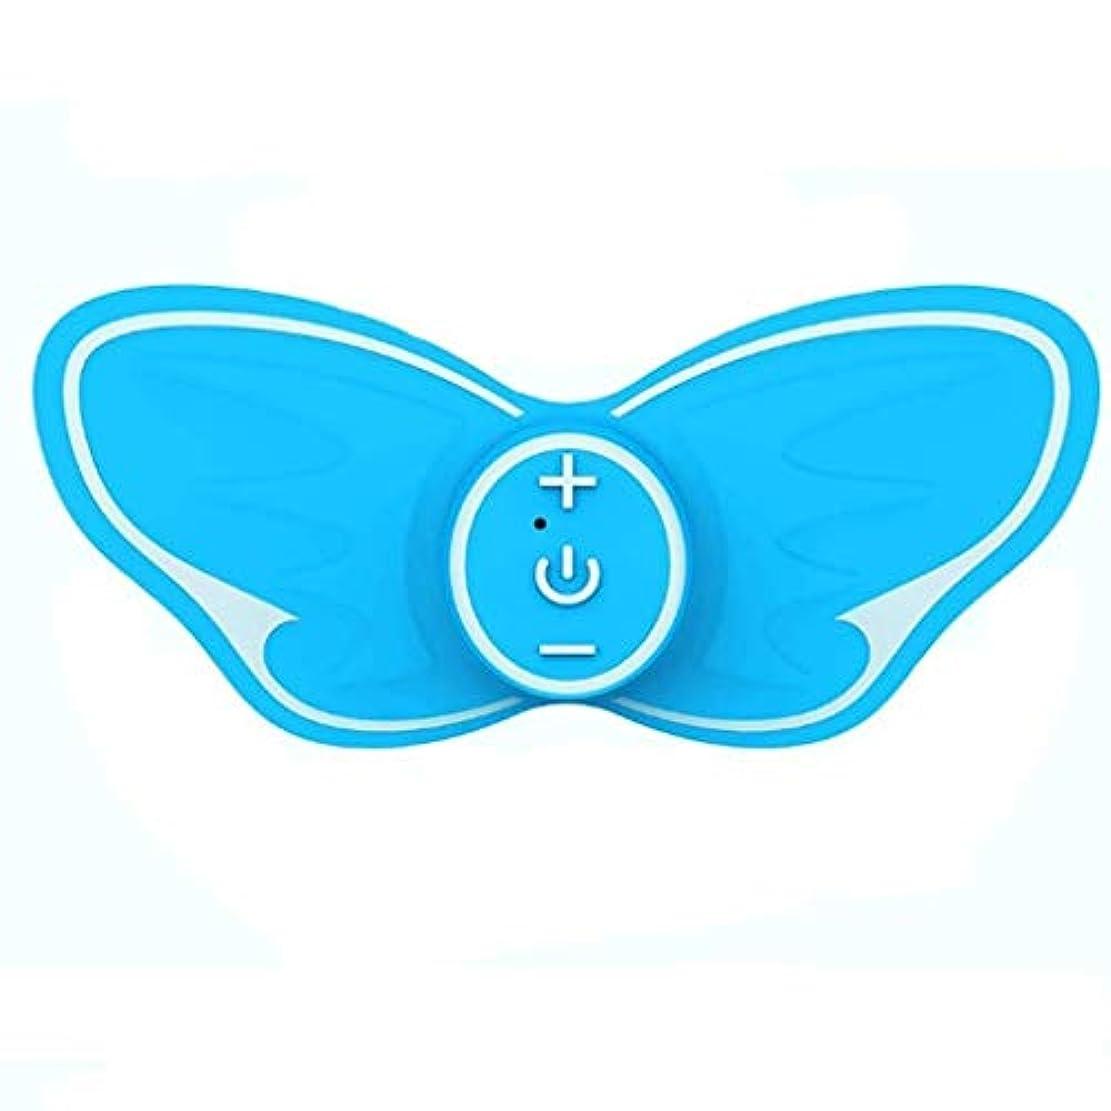 バインド石安定電動ネックマッサージャー、スマートミニネックフィンガープレッシャーマッサージスティック、USB充電、加熱/ディープニーディングボディマッサージ、ポータブル (Color : 青)